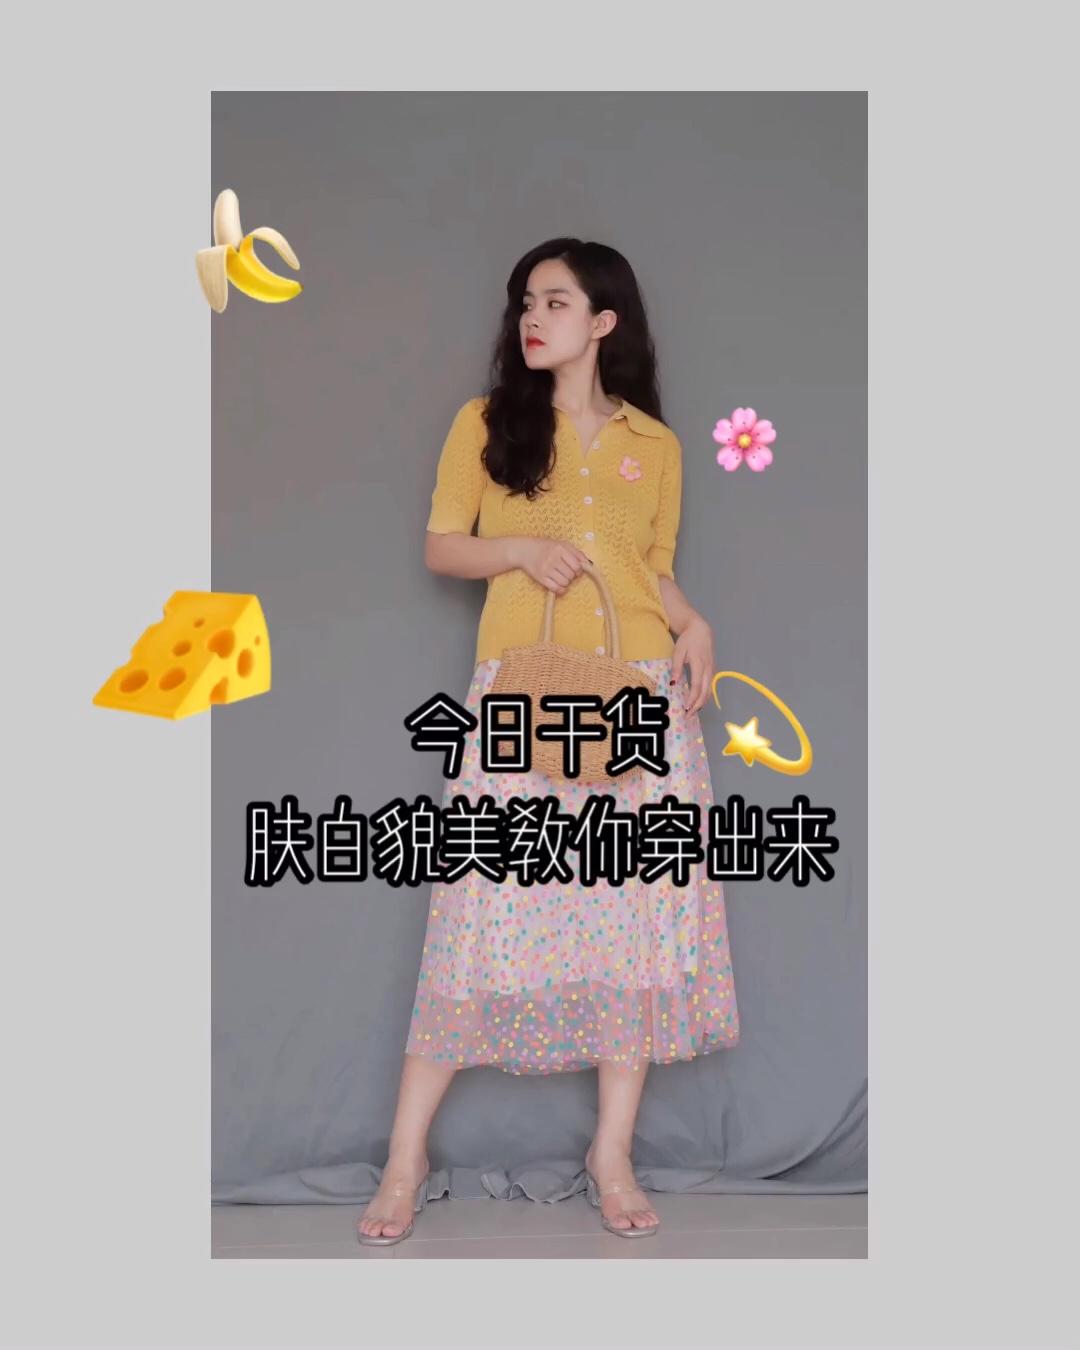 黄色针织短袖T恤搭配白色波点半身裙 手提编织包 整套复古甜美 泫雅风满满 #越穿越瘦,梨形mm福音#